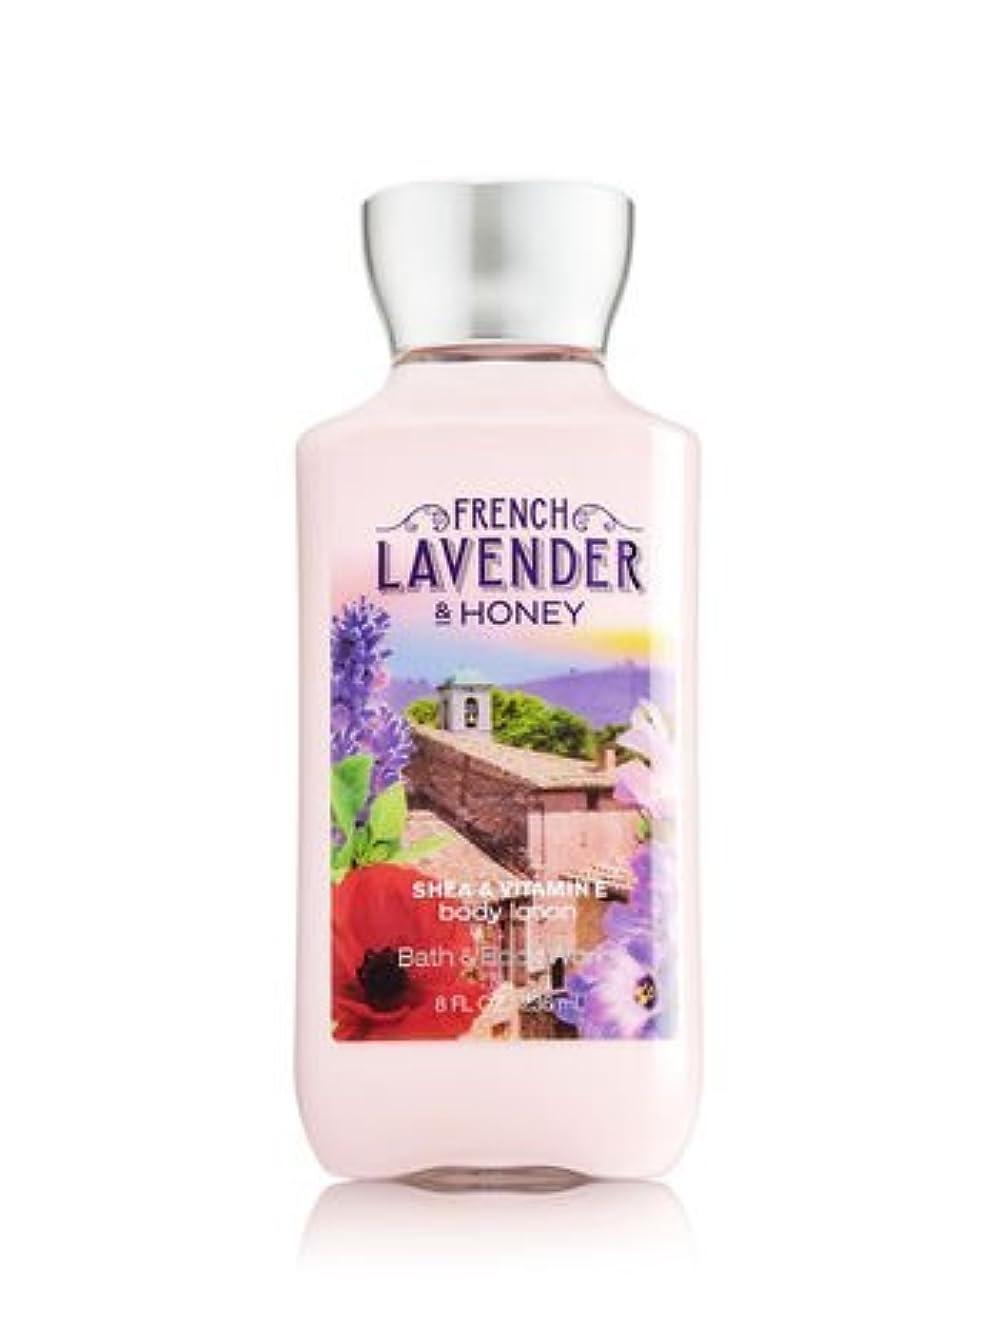 内向き行き当たりばったり一口【Bath&Body Works/バス&ボディワークス】 ボディローション フレンチラベンダー&ハニー Body Lotion French Lavender & Honey 8 fl oz / 236 mL [並行輸入品]